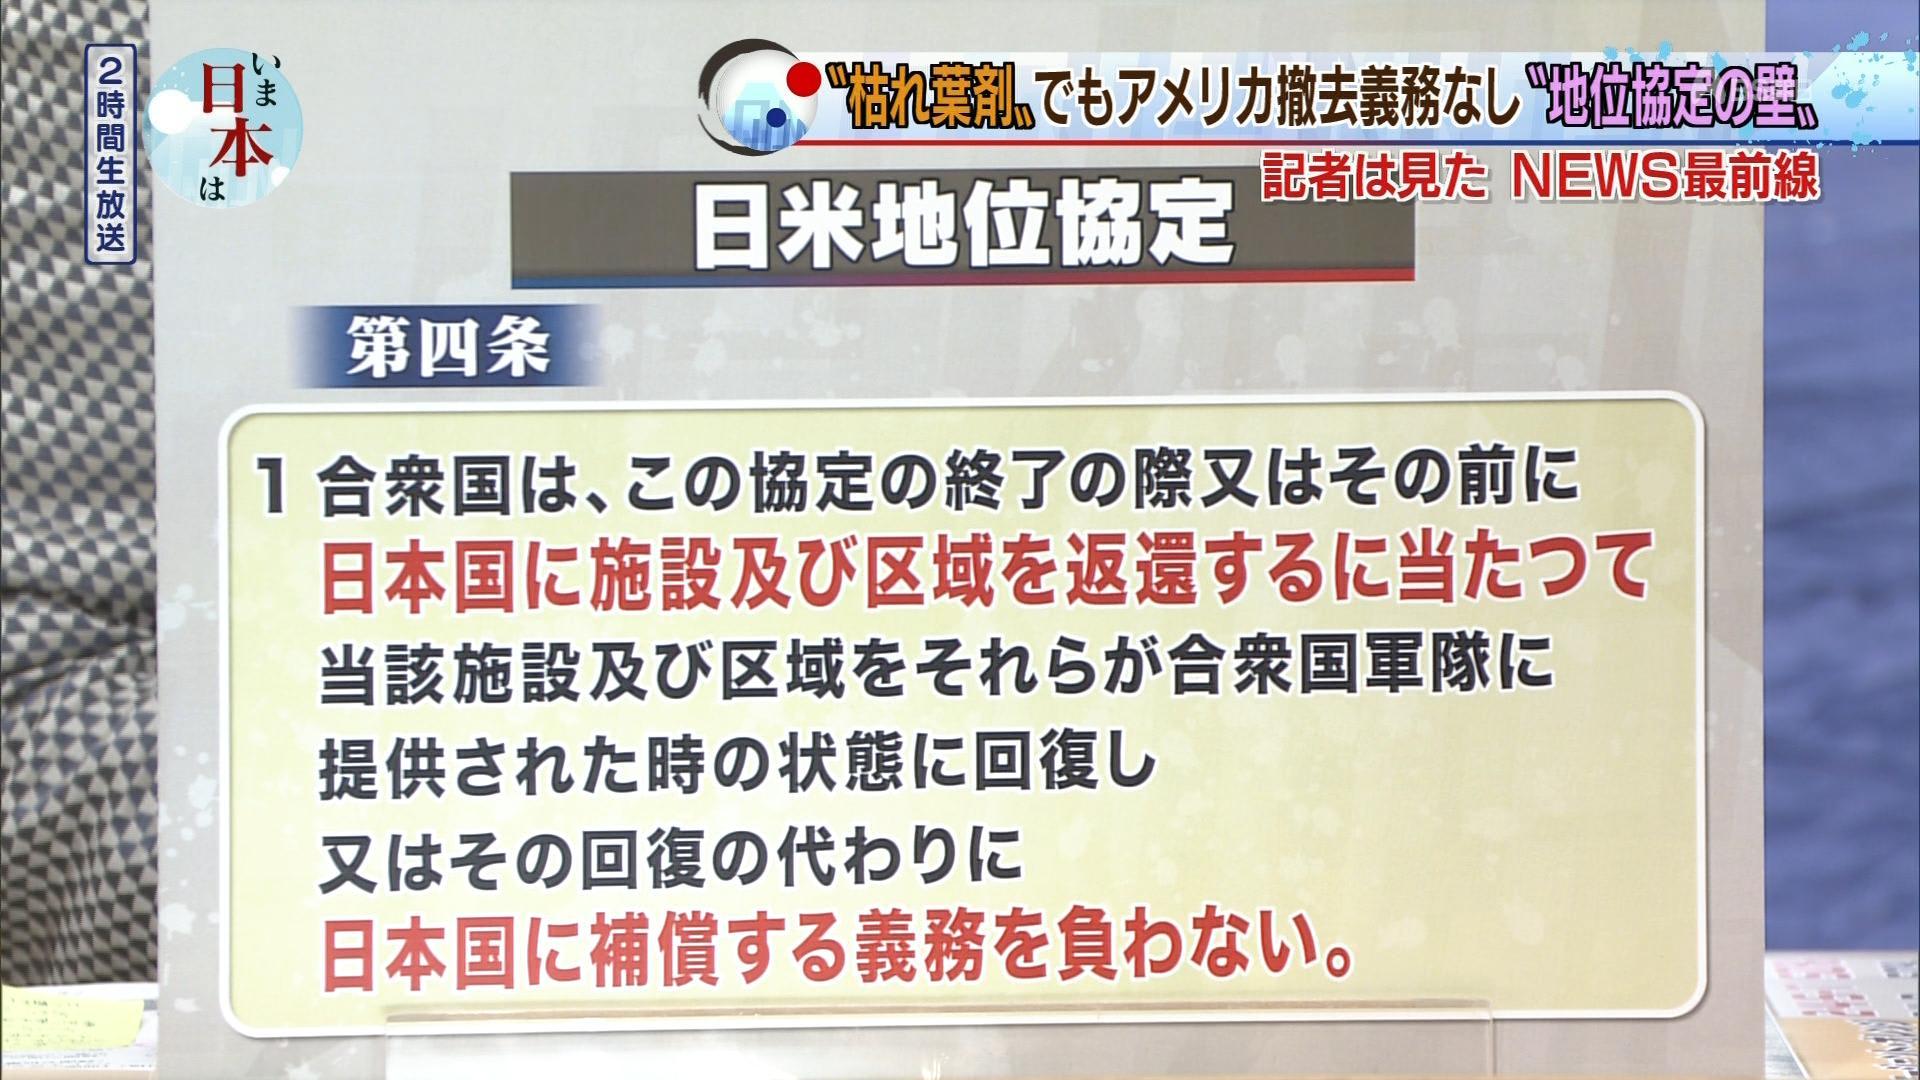 日米地位協定を見直すべき83・7%...